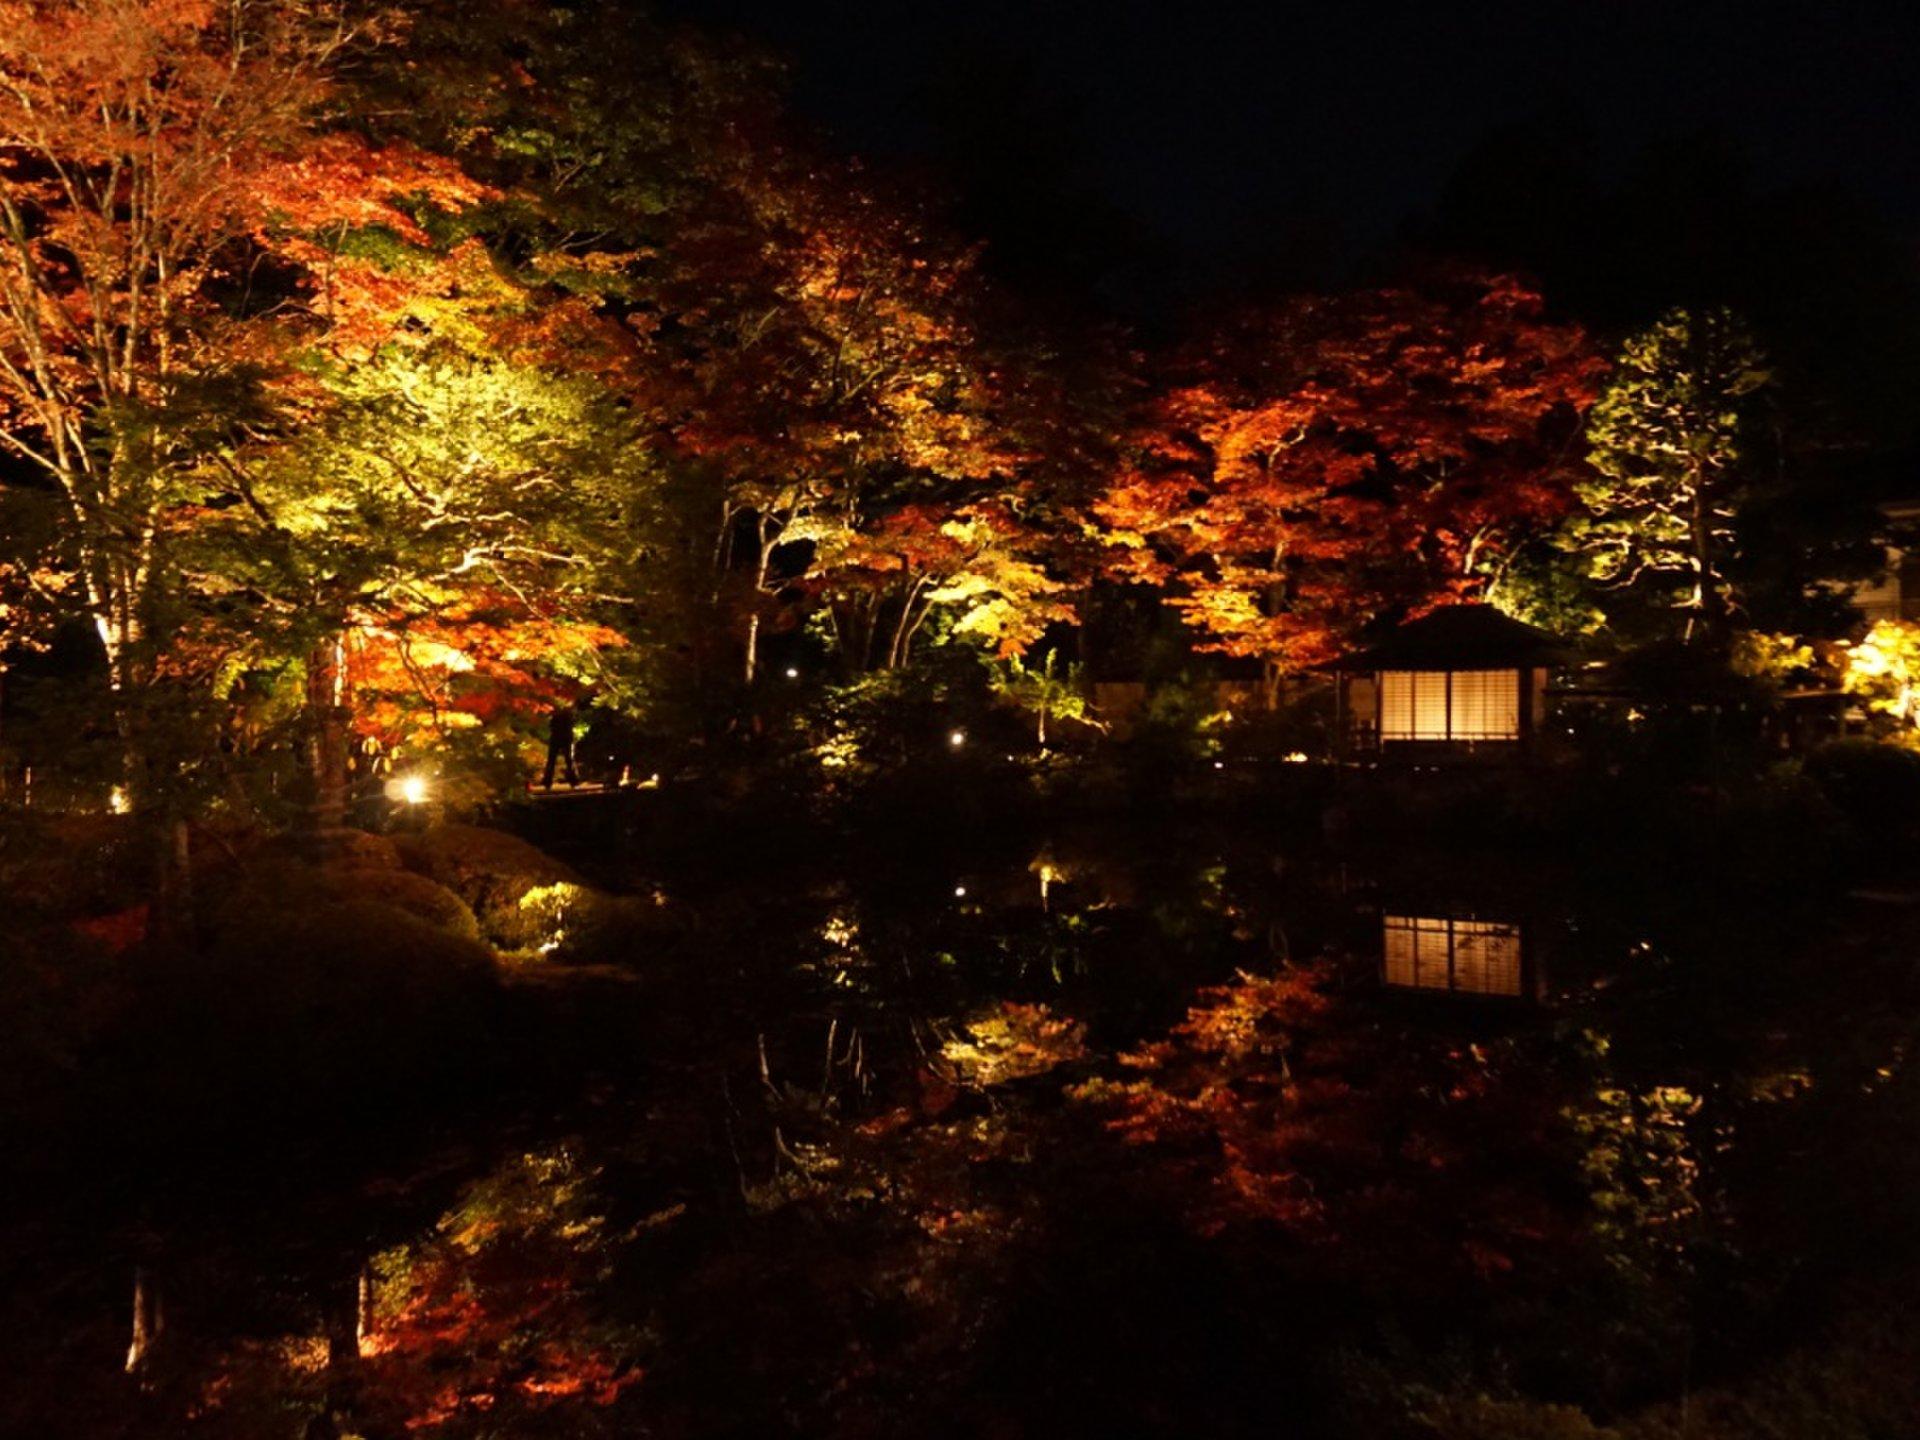 日光山輪王寺の世界遺産登録15周年記念逍遥園ライトアップ!